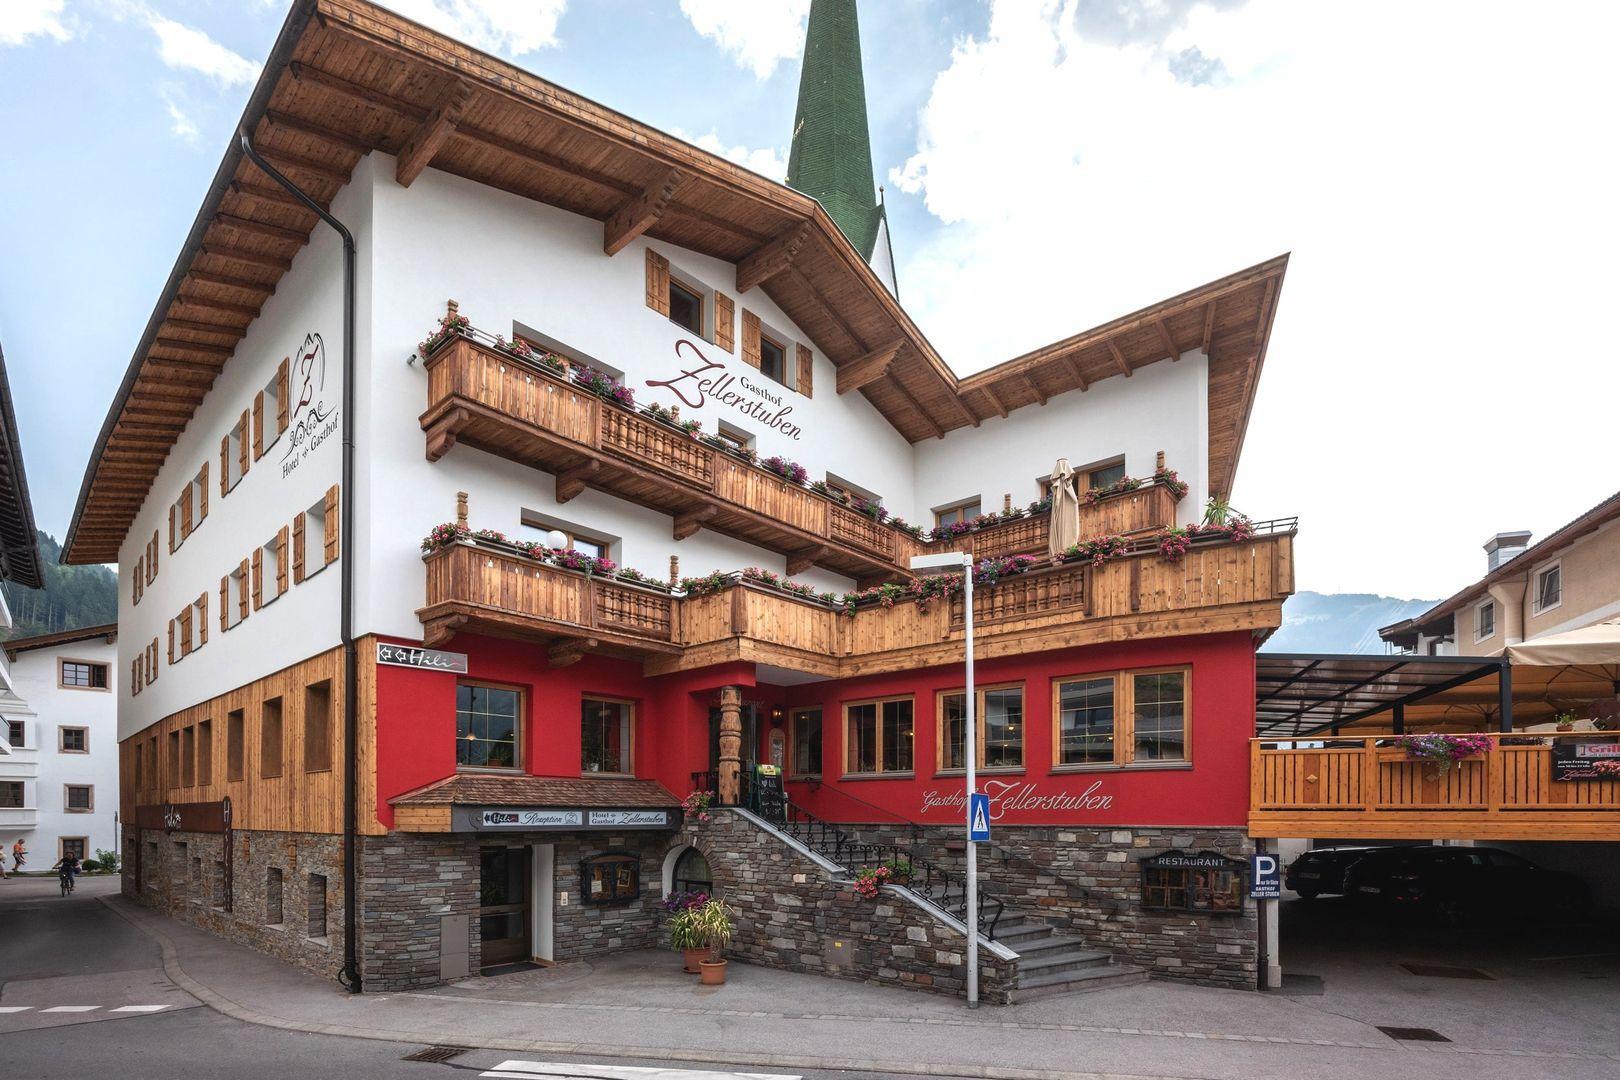 Zell am Ziller - Gasthof Zellerstuben